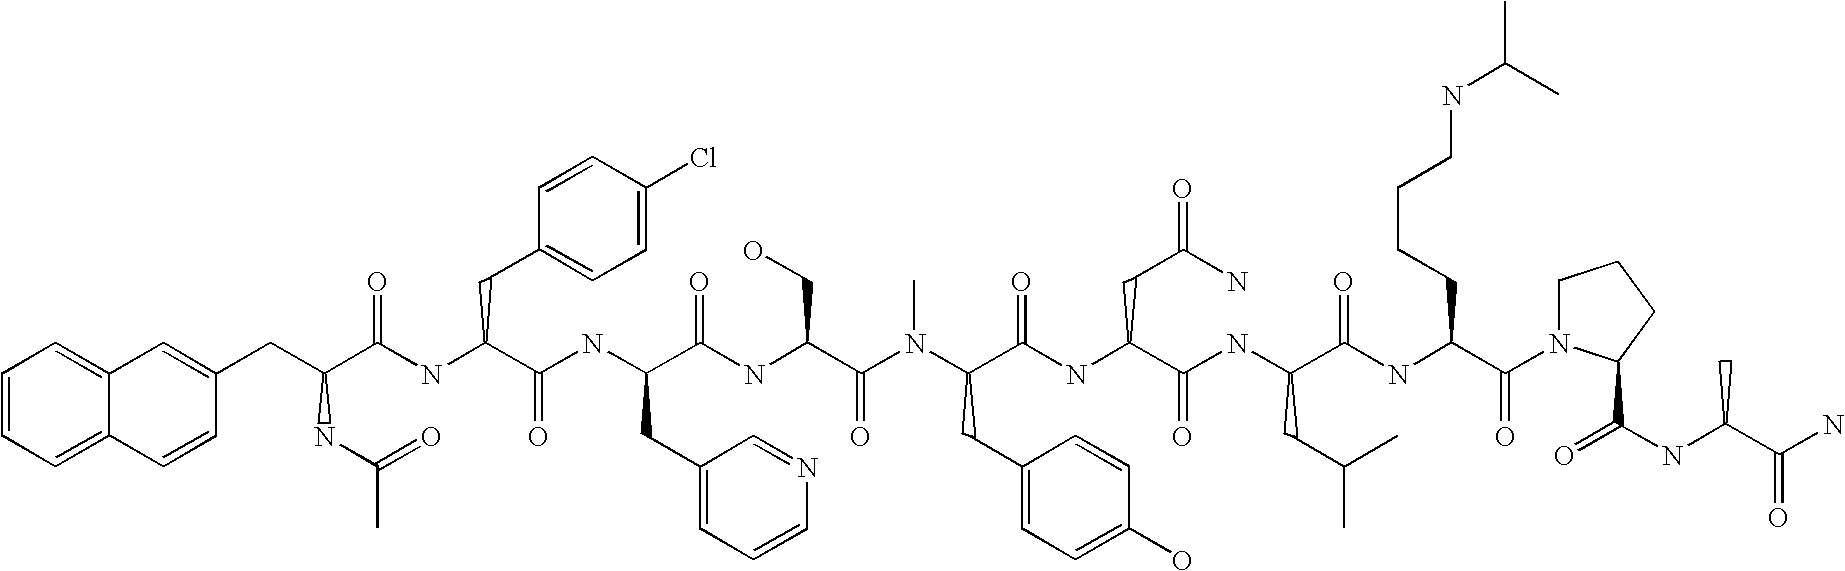 Figure US08394813-20130312-C00137